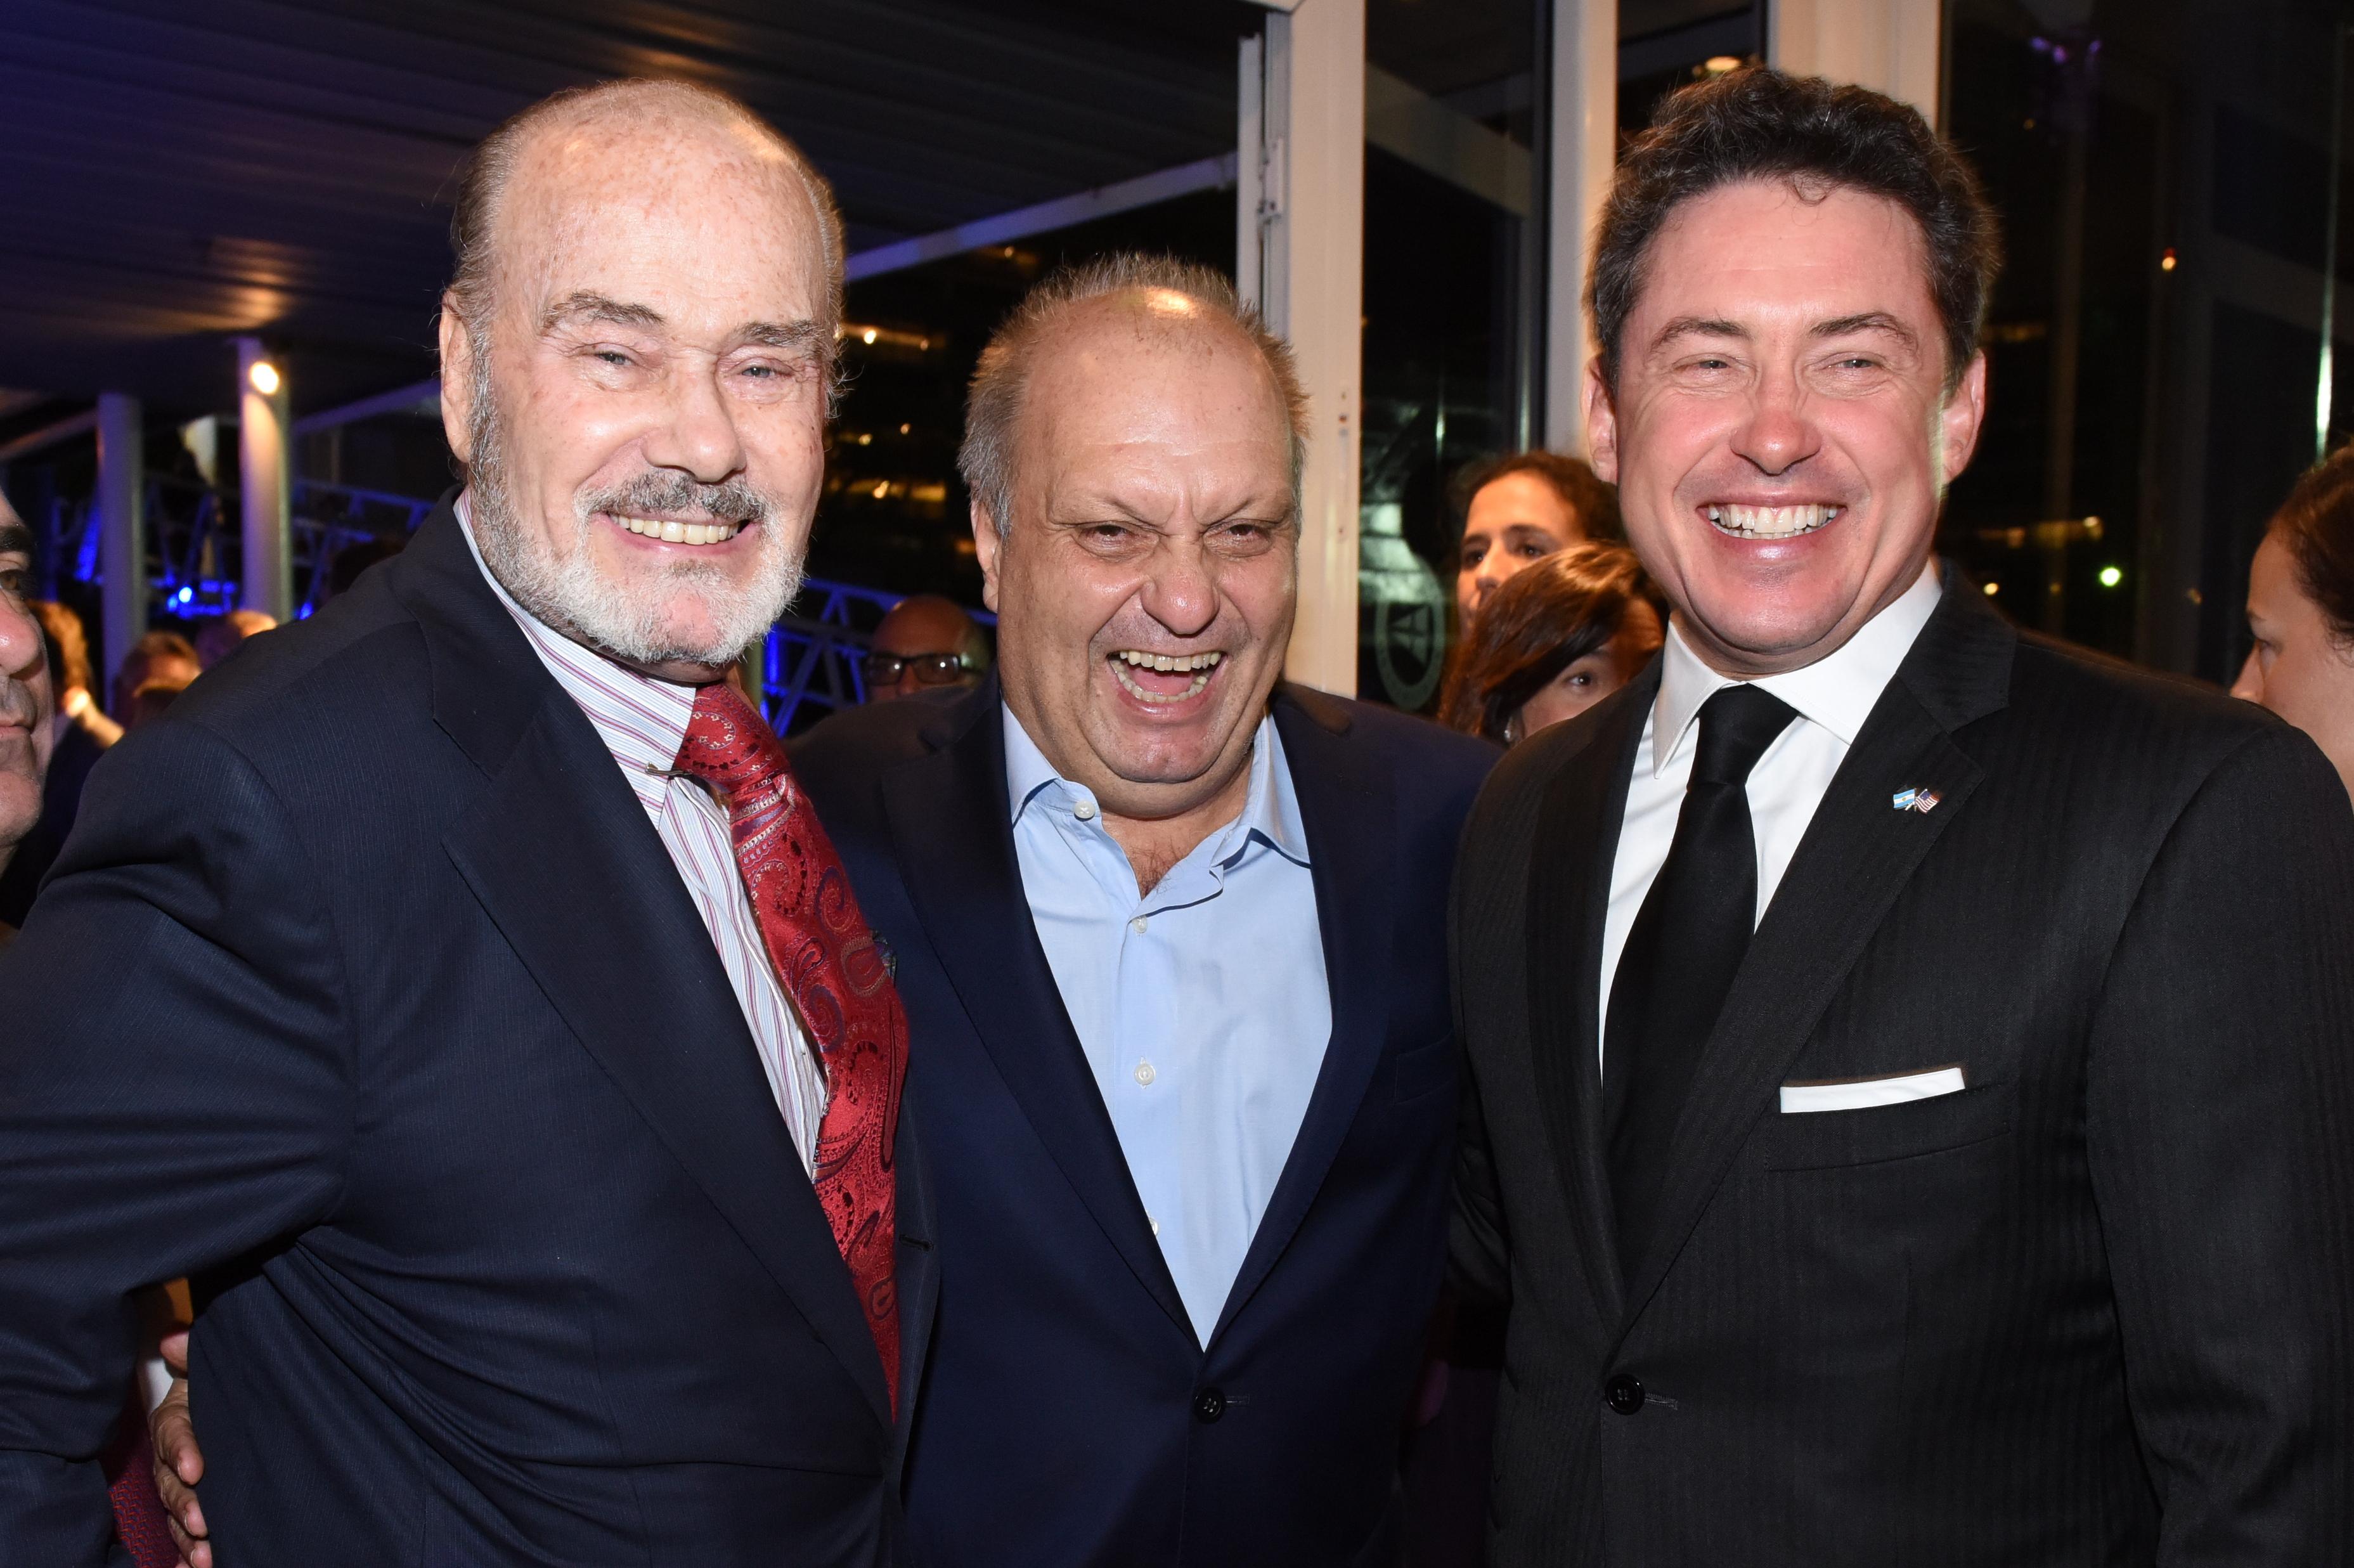 Gino Bogani y Hernán Lombardi, titular del Titular del Sistema Federal de Medios y Contenidos Públicos, junto al embajador de los Estados Unidos en la Argentina, Noah Mamet